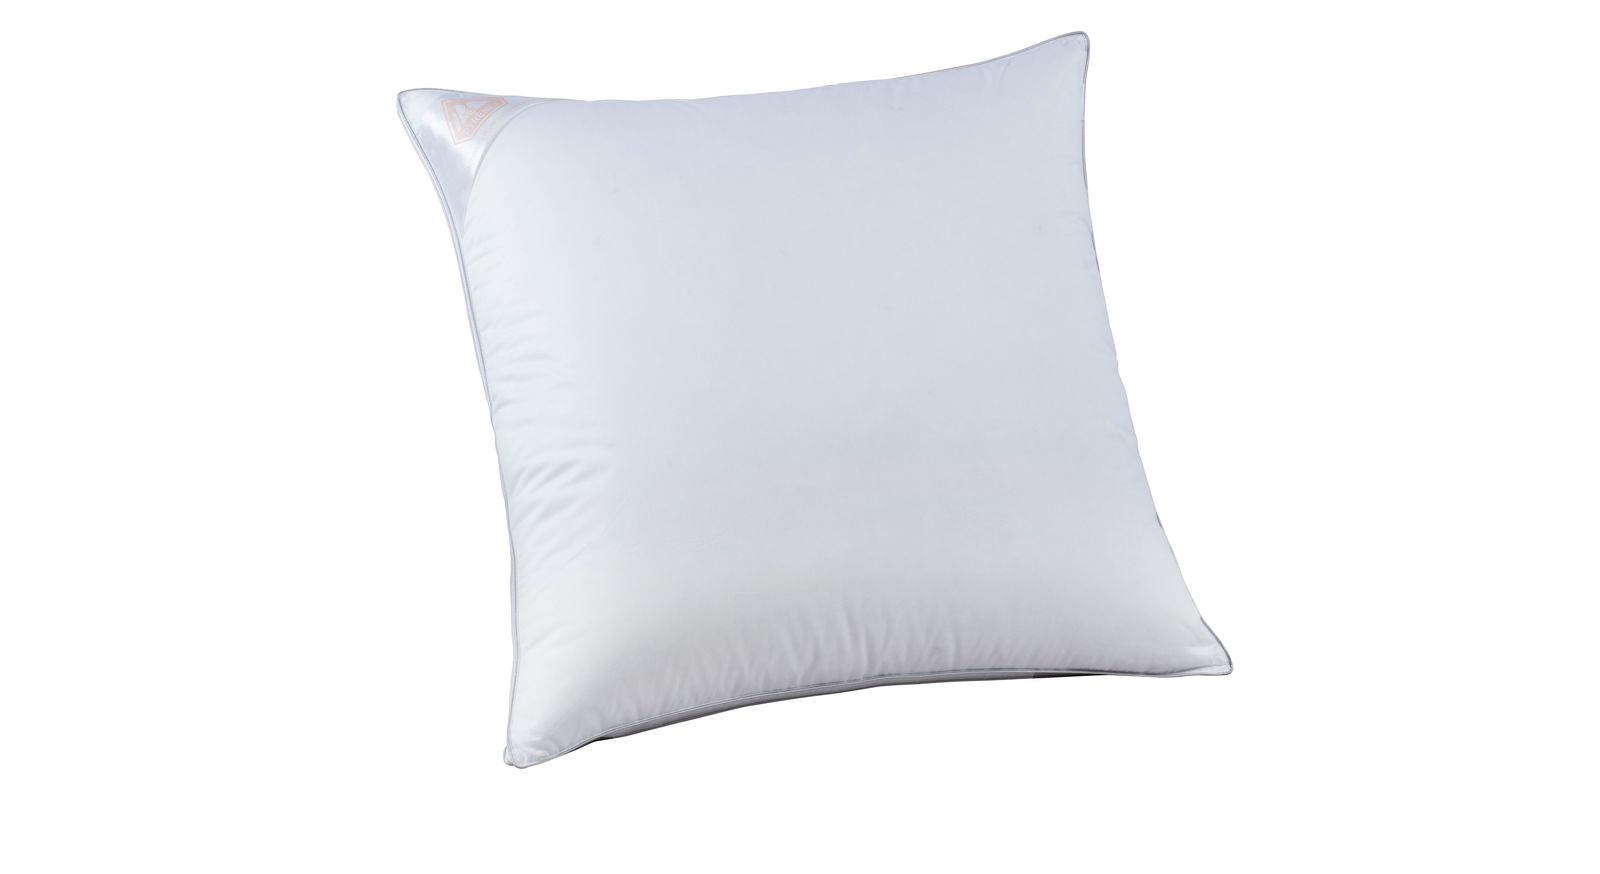 973064e65b Finden Sie die optimale Bettausstattung passend zu Ihrer Schlafposition